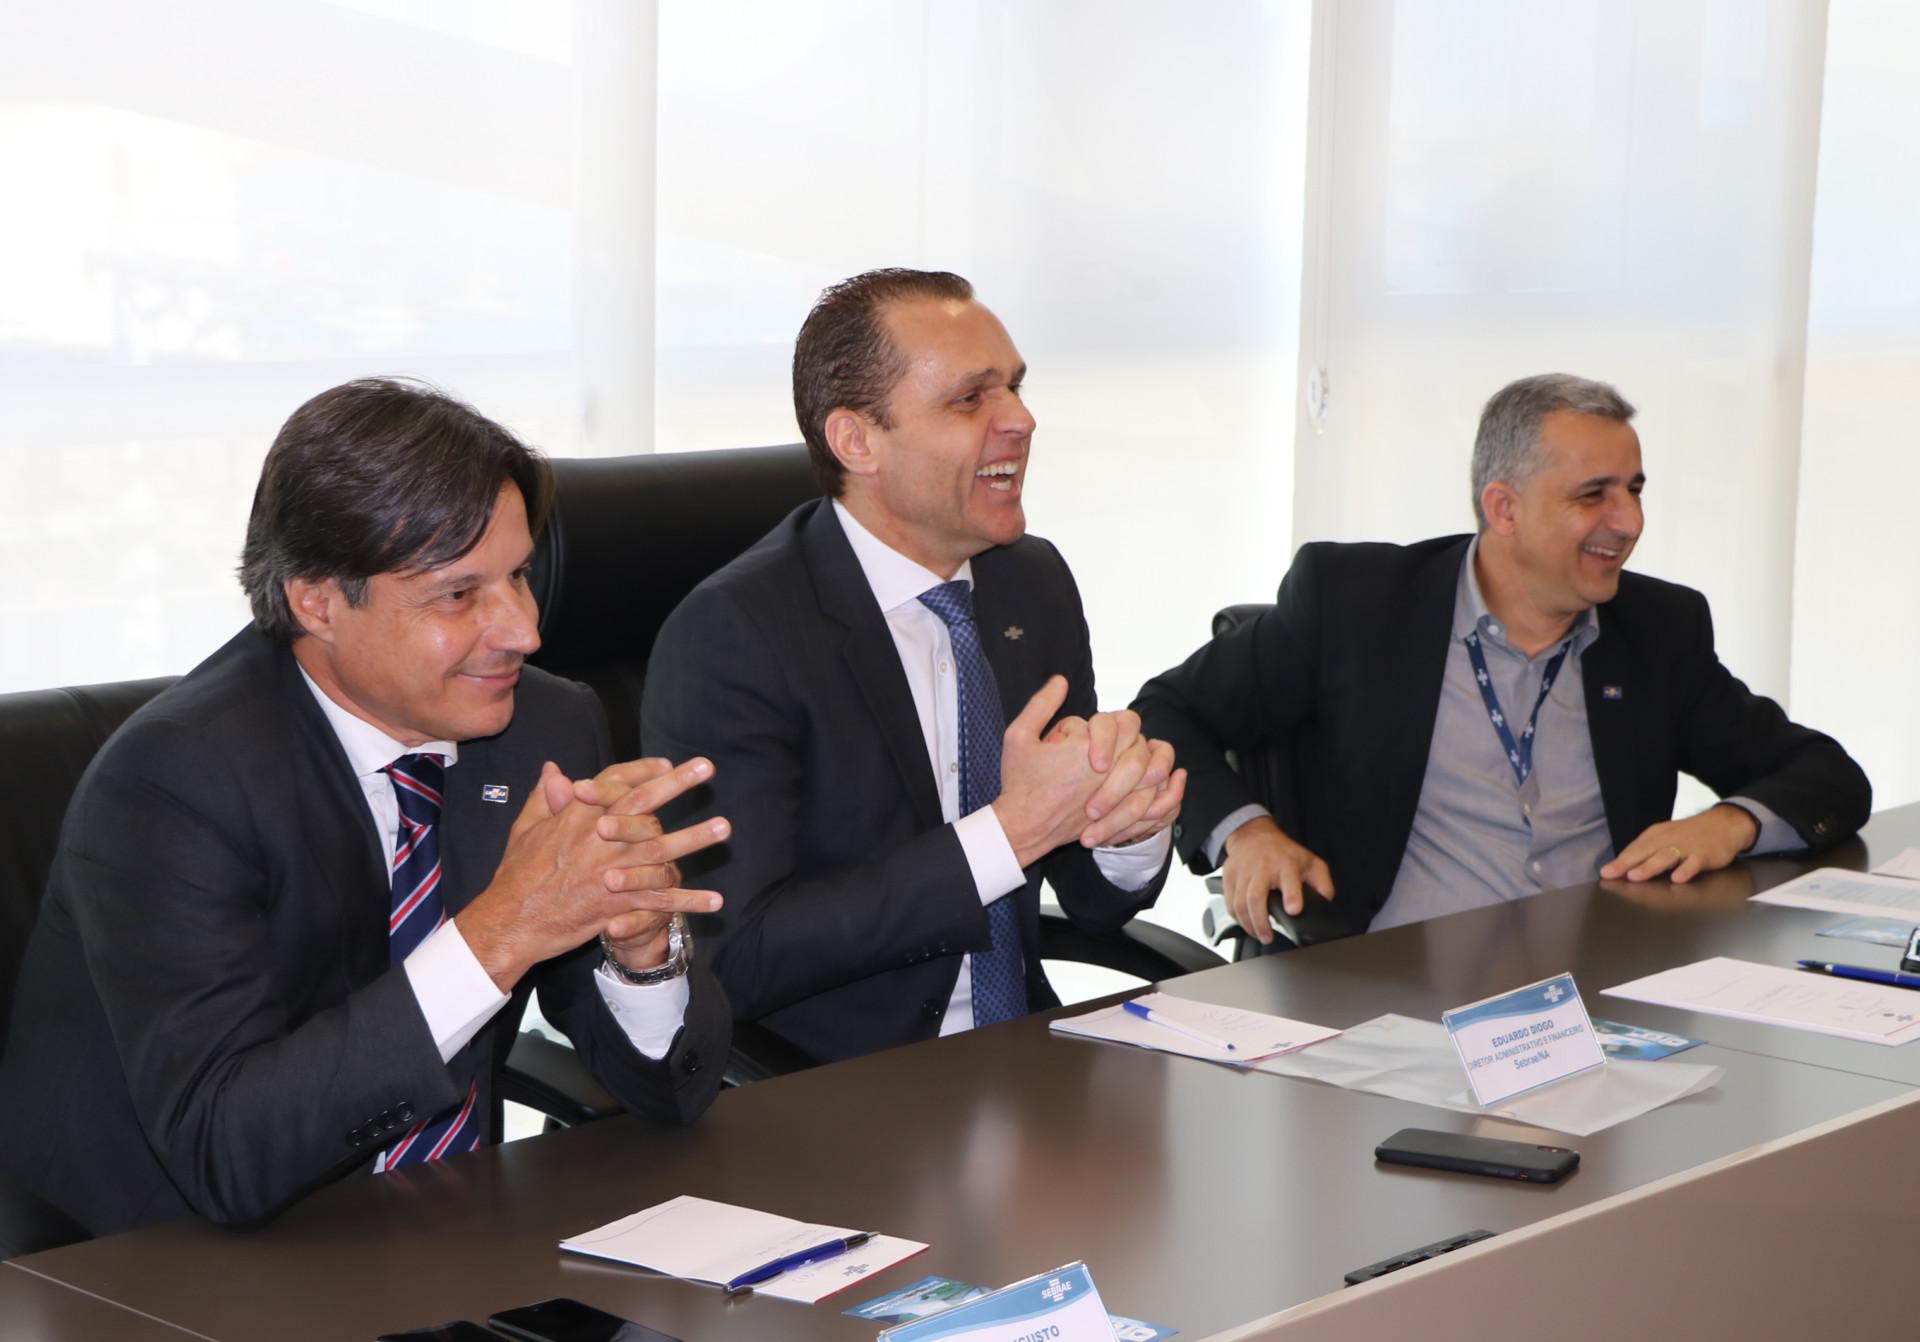 Reunião com a Diretoria Executiva do Sebrae/ES com apresentação dos projetos prioritários pelos Gerentes